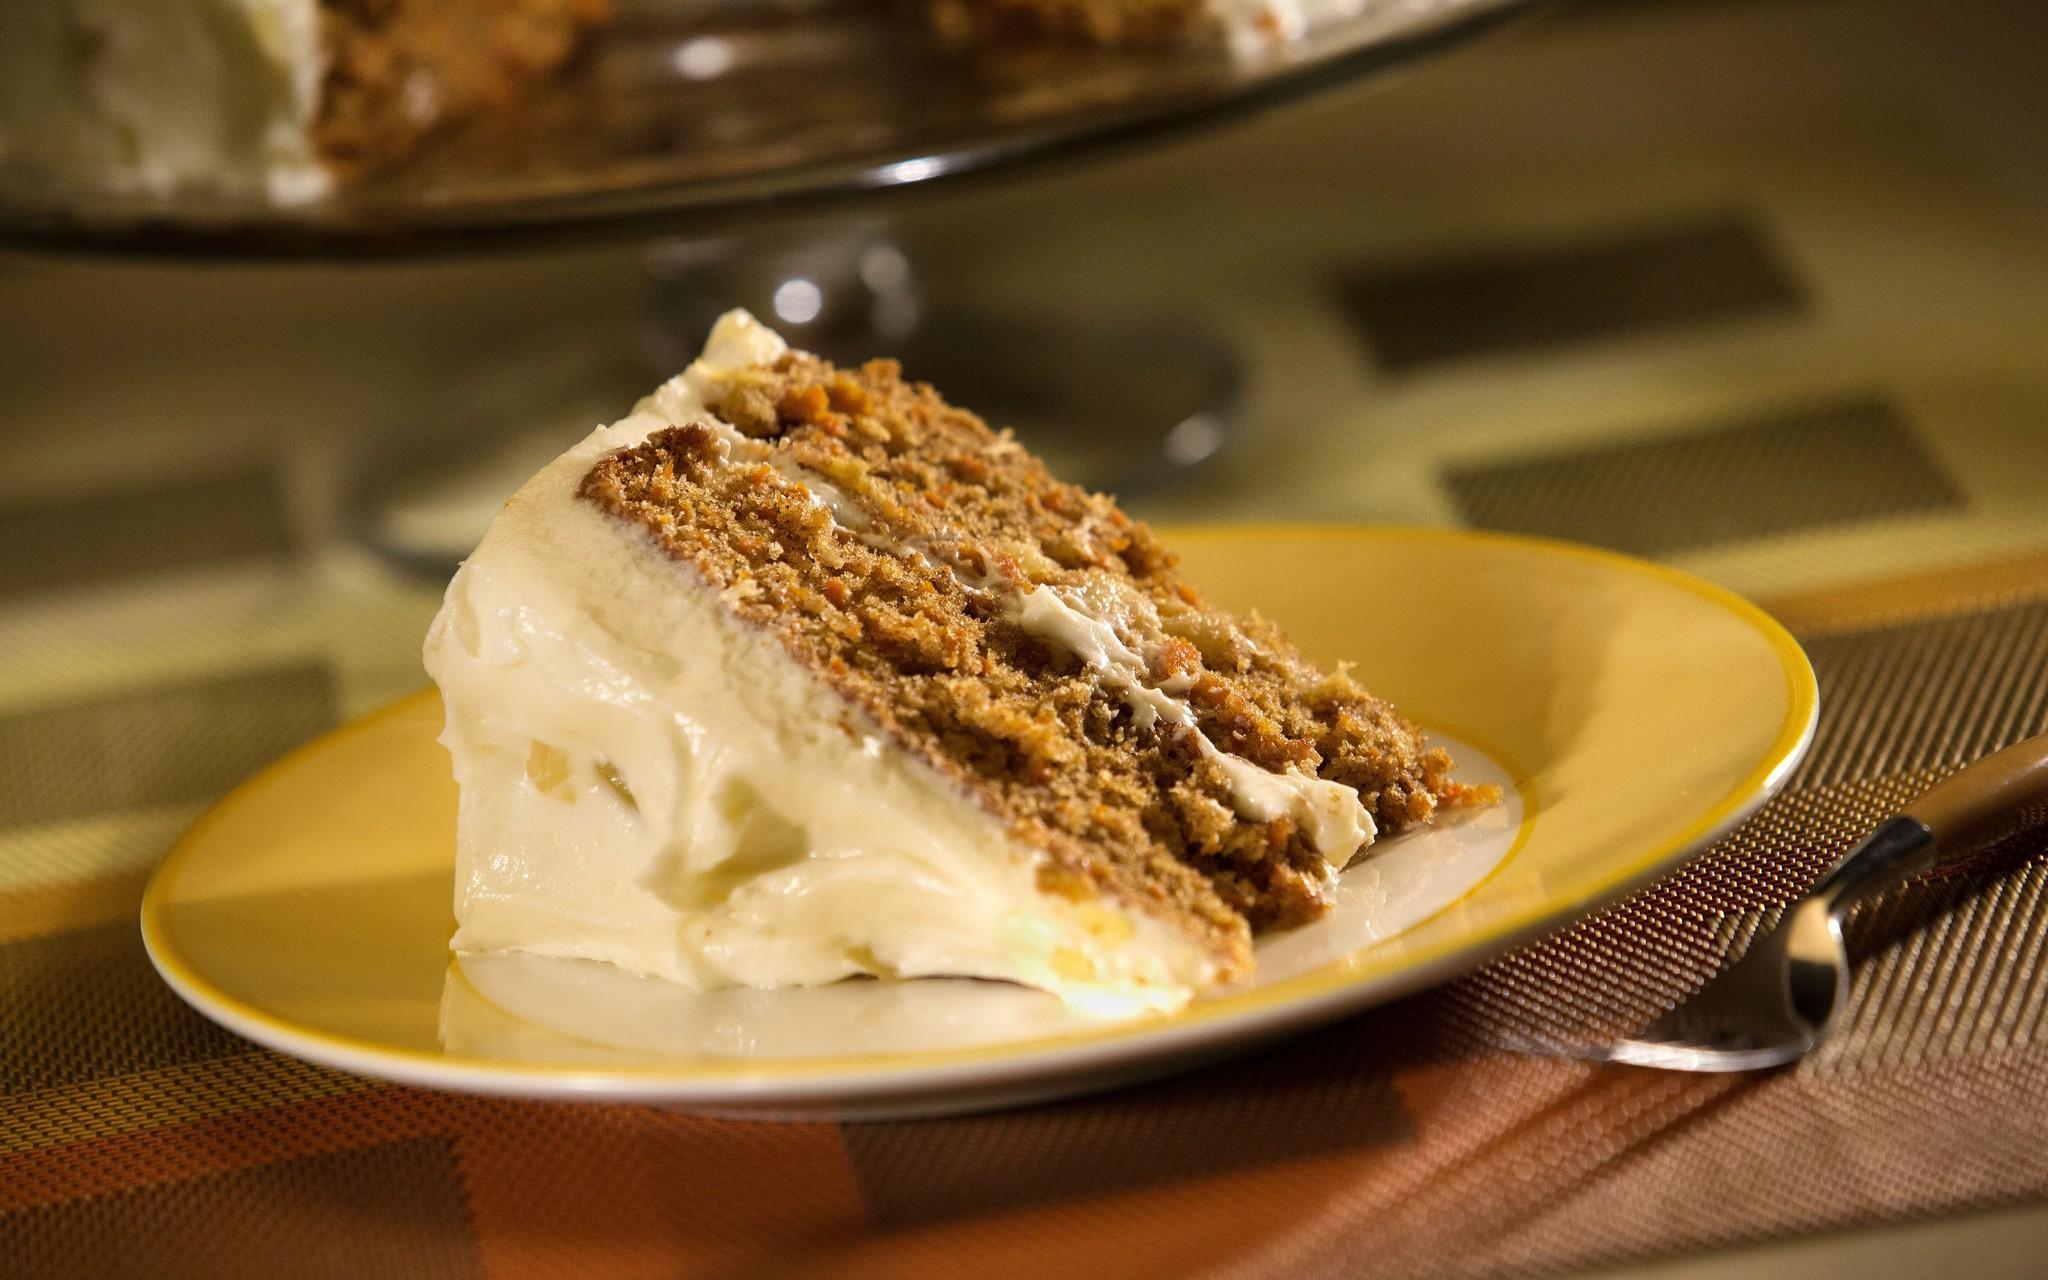 Madonna Inn's carrot cake